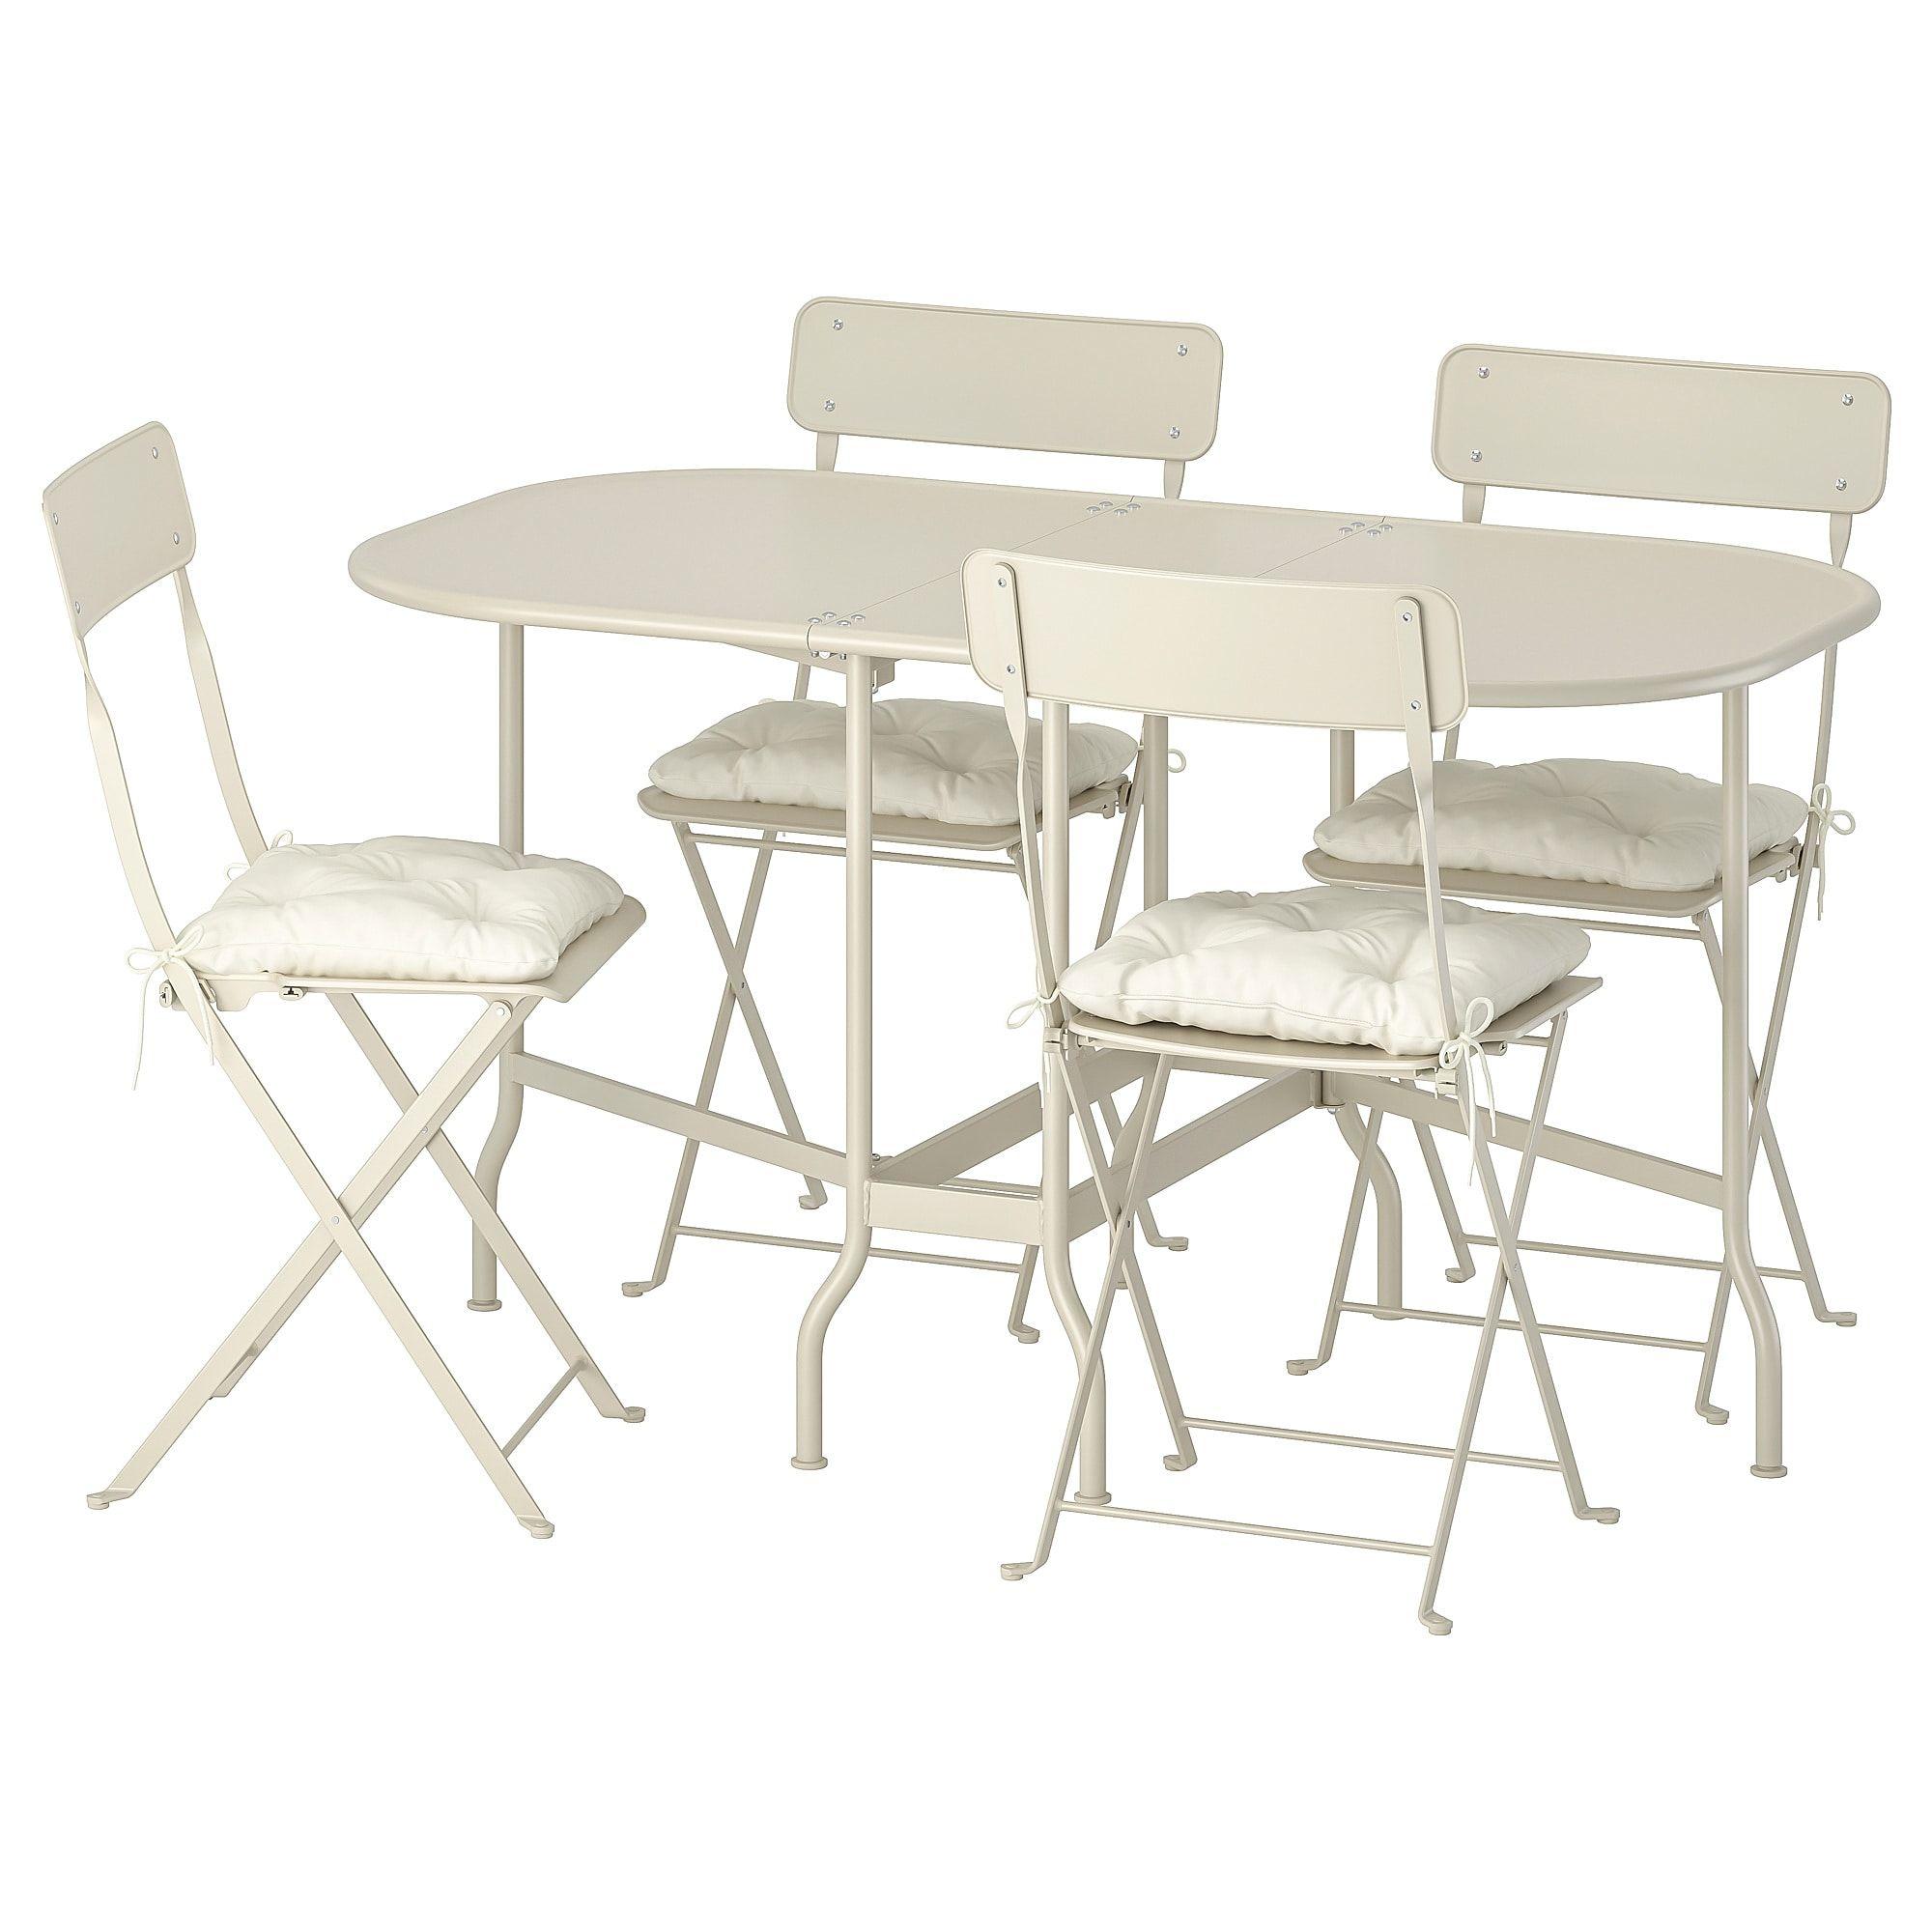 Saltholmen Tisch 4 Klappstuhle Aussen Beige Kuddarna Beige